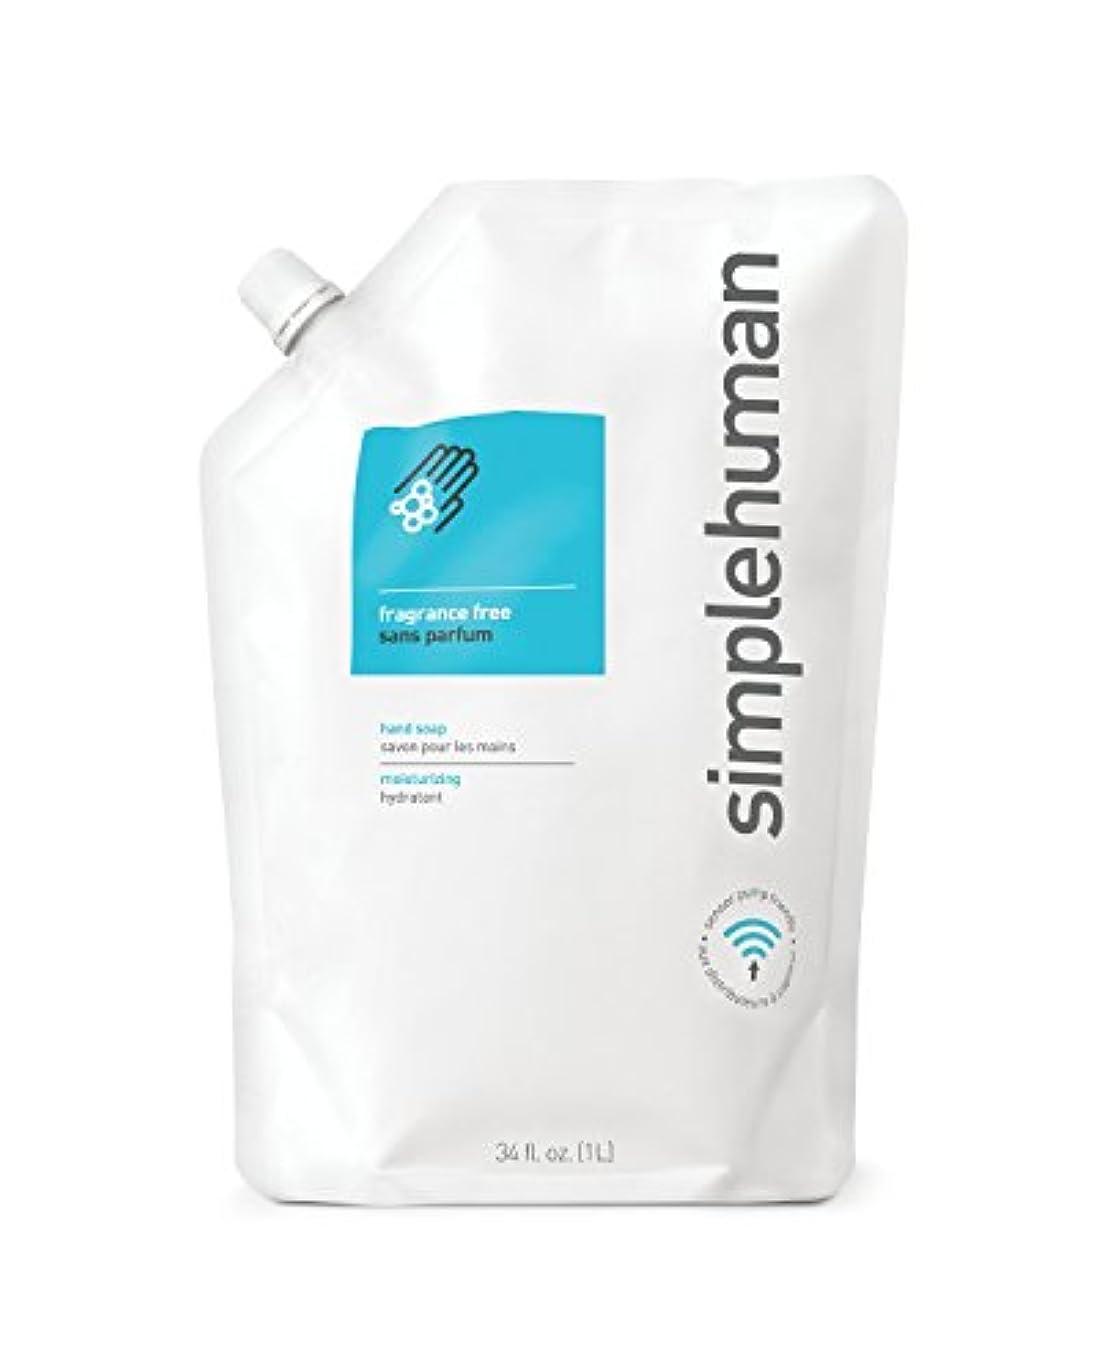 湿原ワゴンスペルsimplehuman(シンプルヒューマン) 保湿液体ハンドソープ詰め替えパウチ 1 Pack オフホワイト CT1023